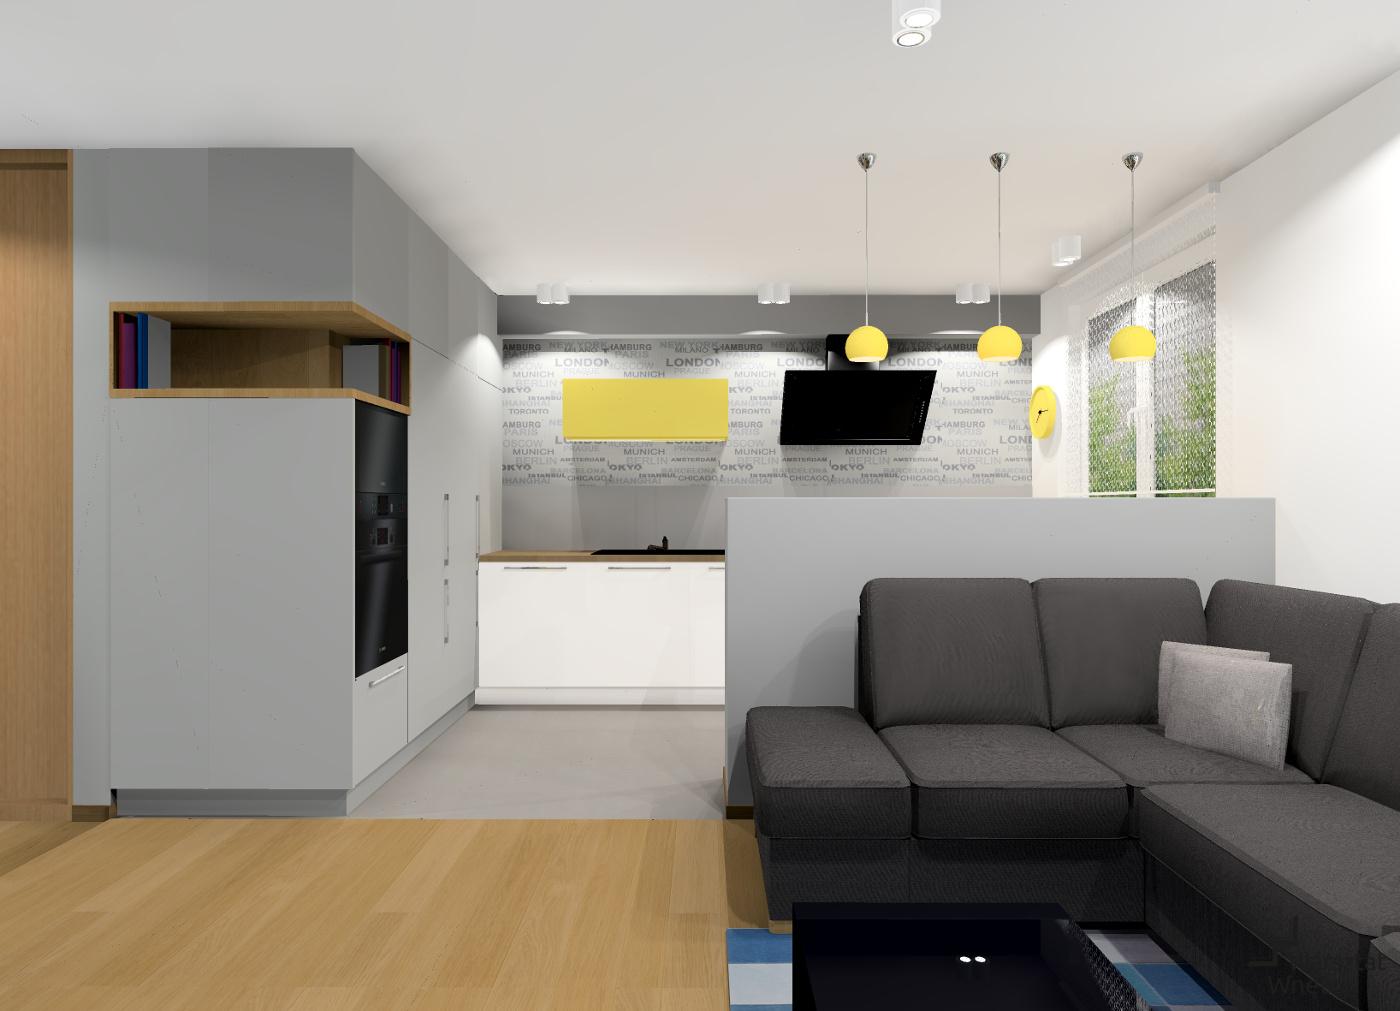 nowoczesny salon z wydzielonym aneksem kuchennym warsztat wn trz. Black Bedroom Furniture Sets. Home Design Ideas